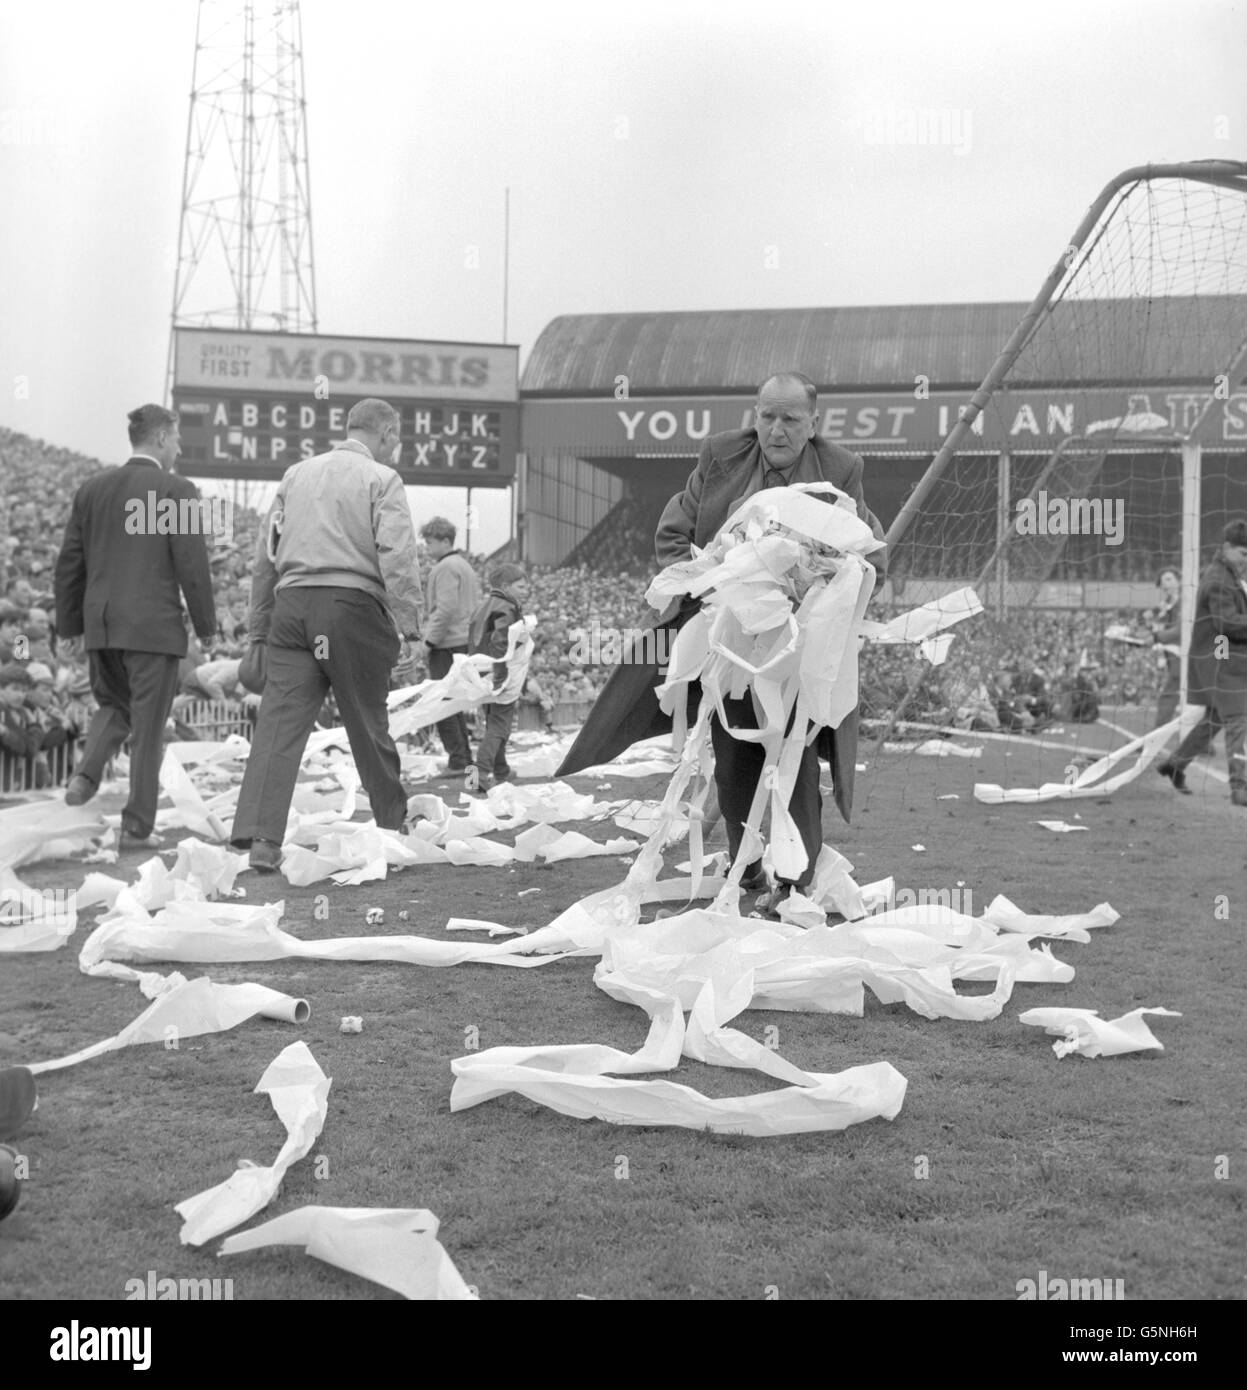 Soccer - Papier toilette dispersés sur le terrain d'Aston Villa. Banque D'Images